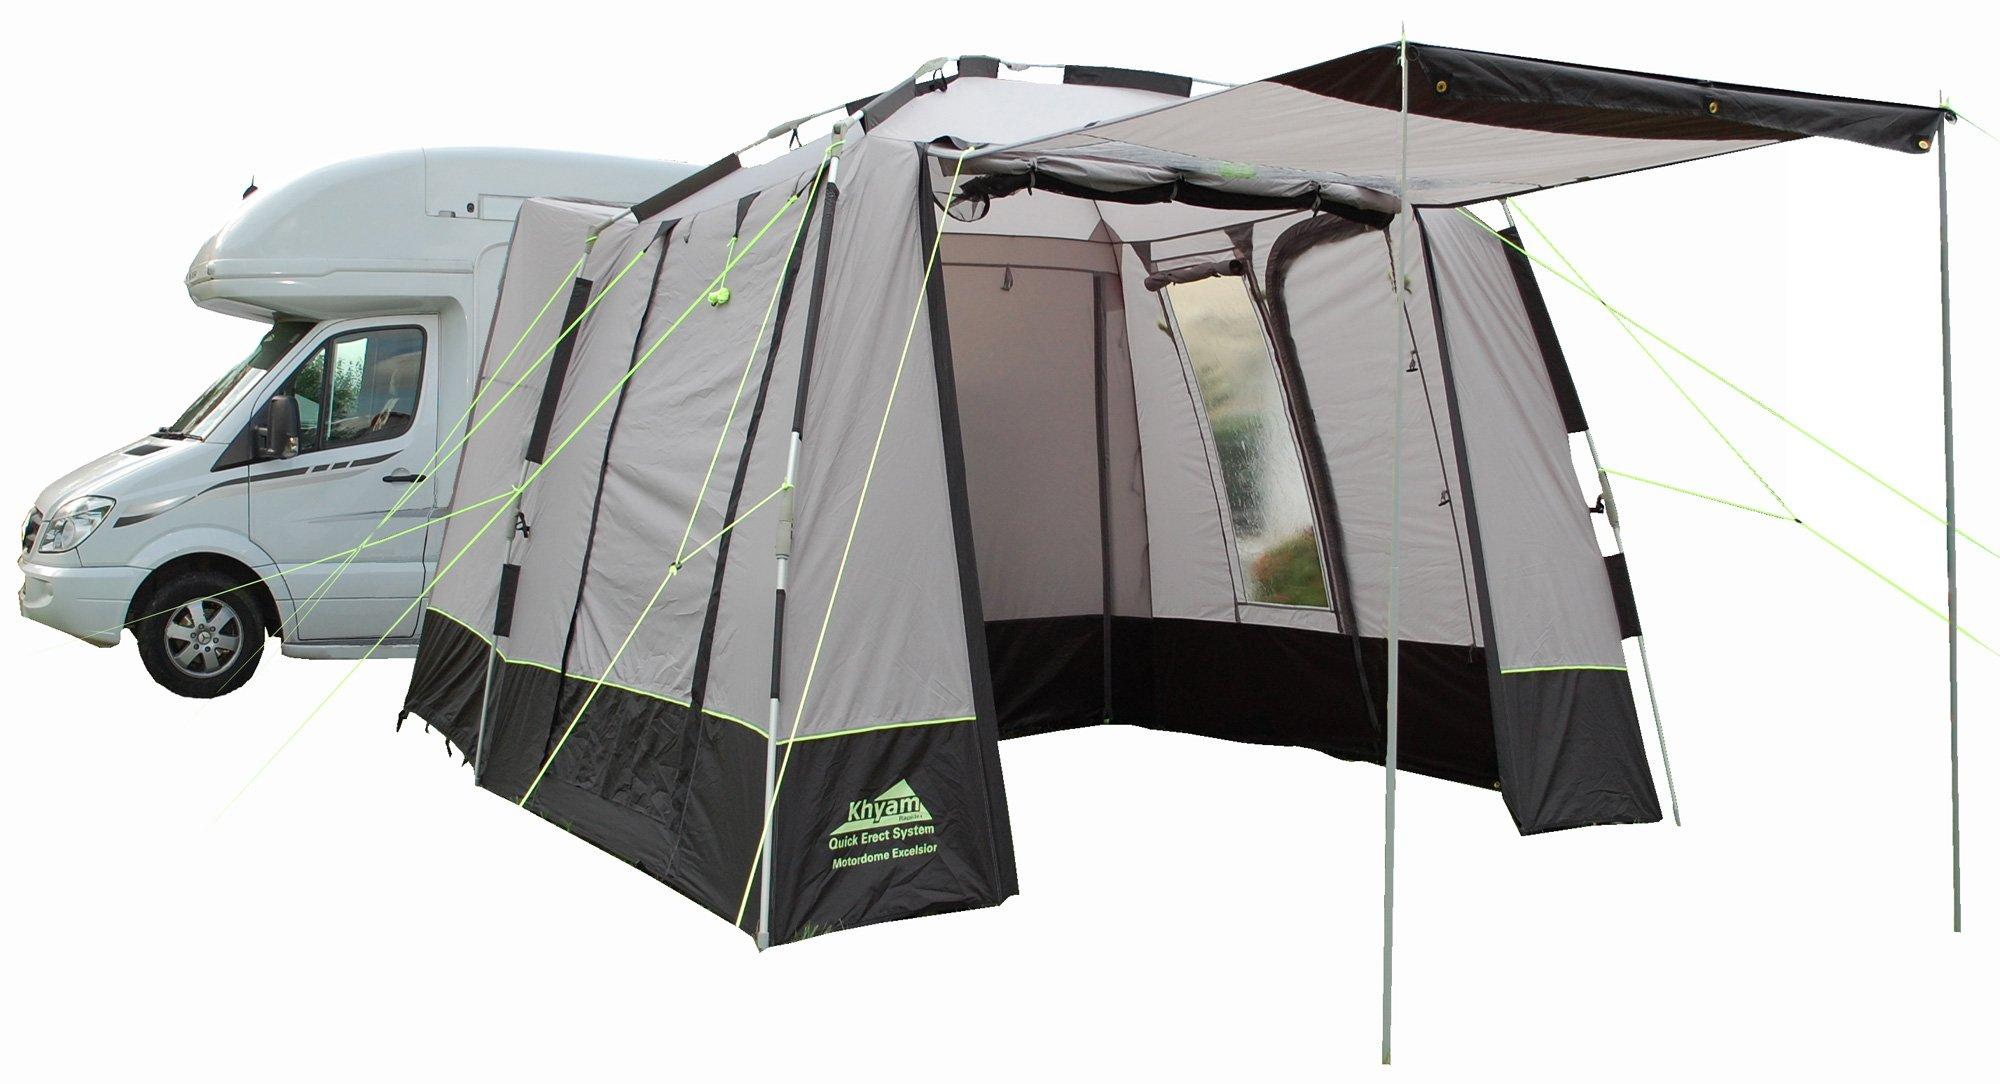 Camper Essentials Excelsior-780 Awning